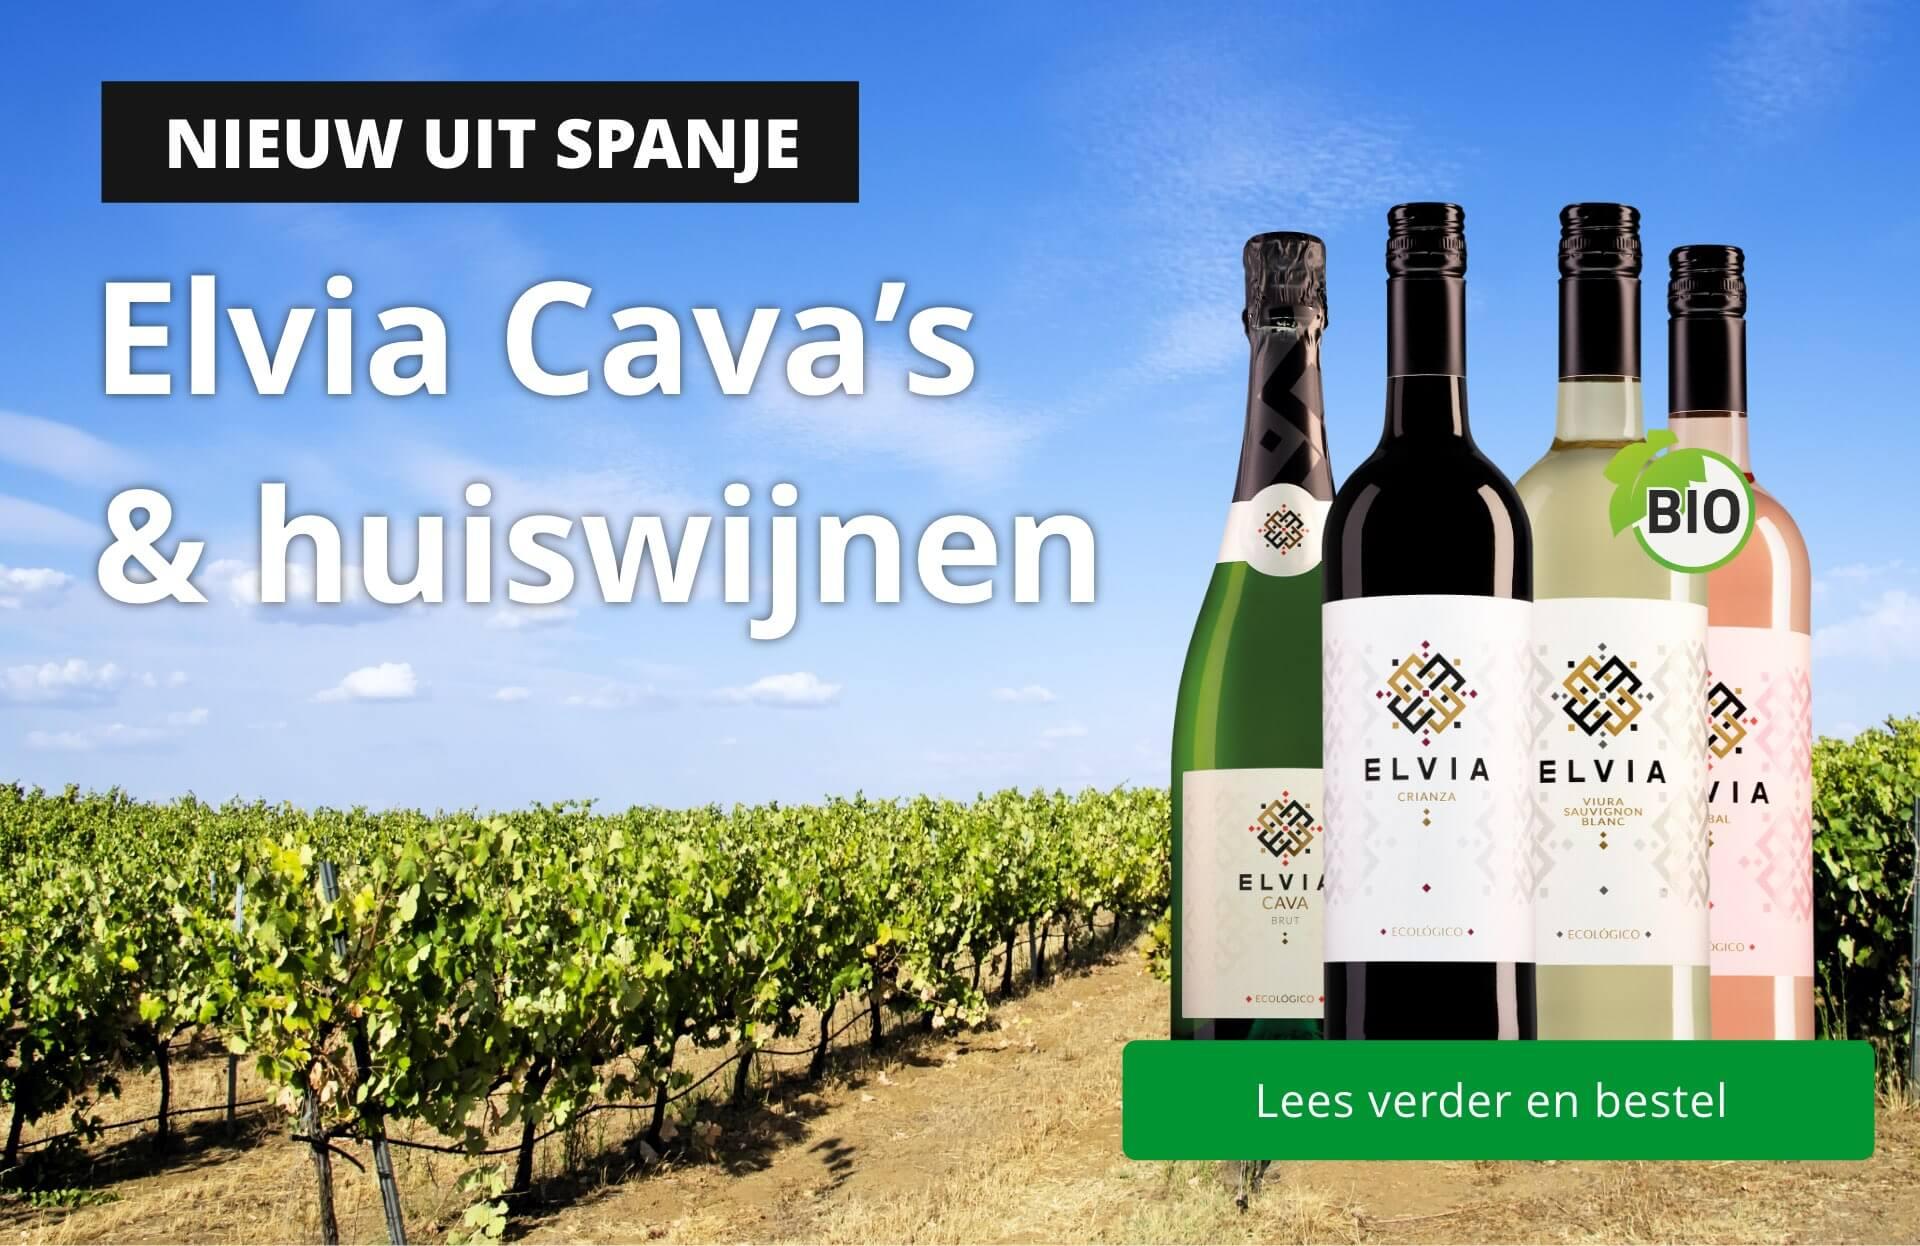 Elvia: Heerlijke Spaanse Cava's & huiswijnen